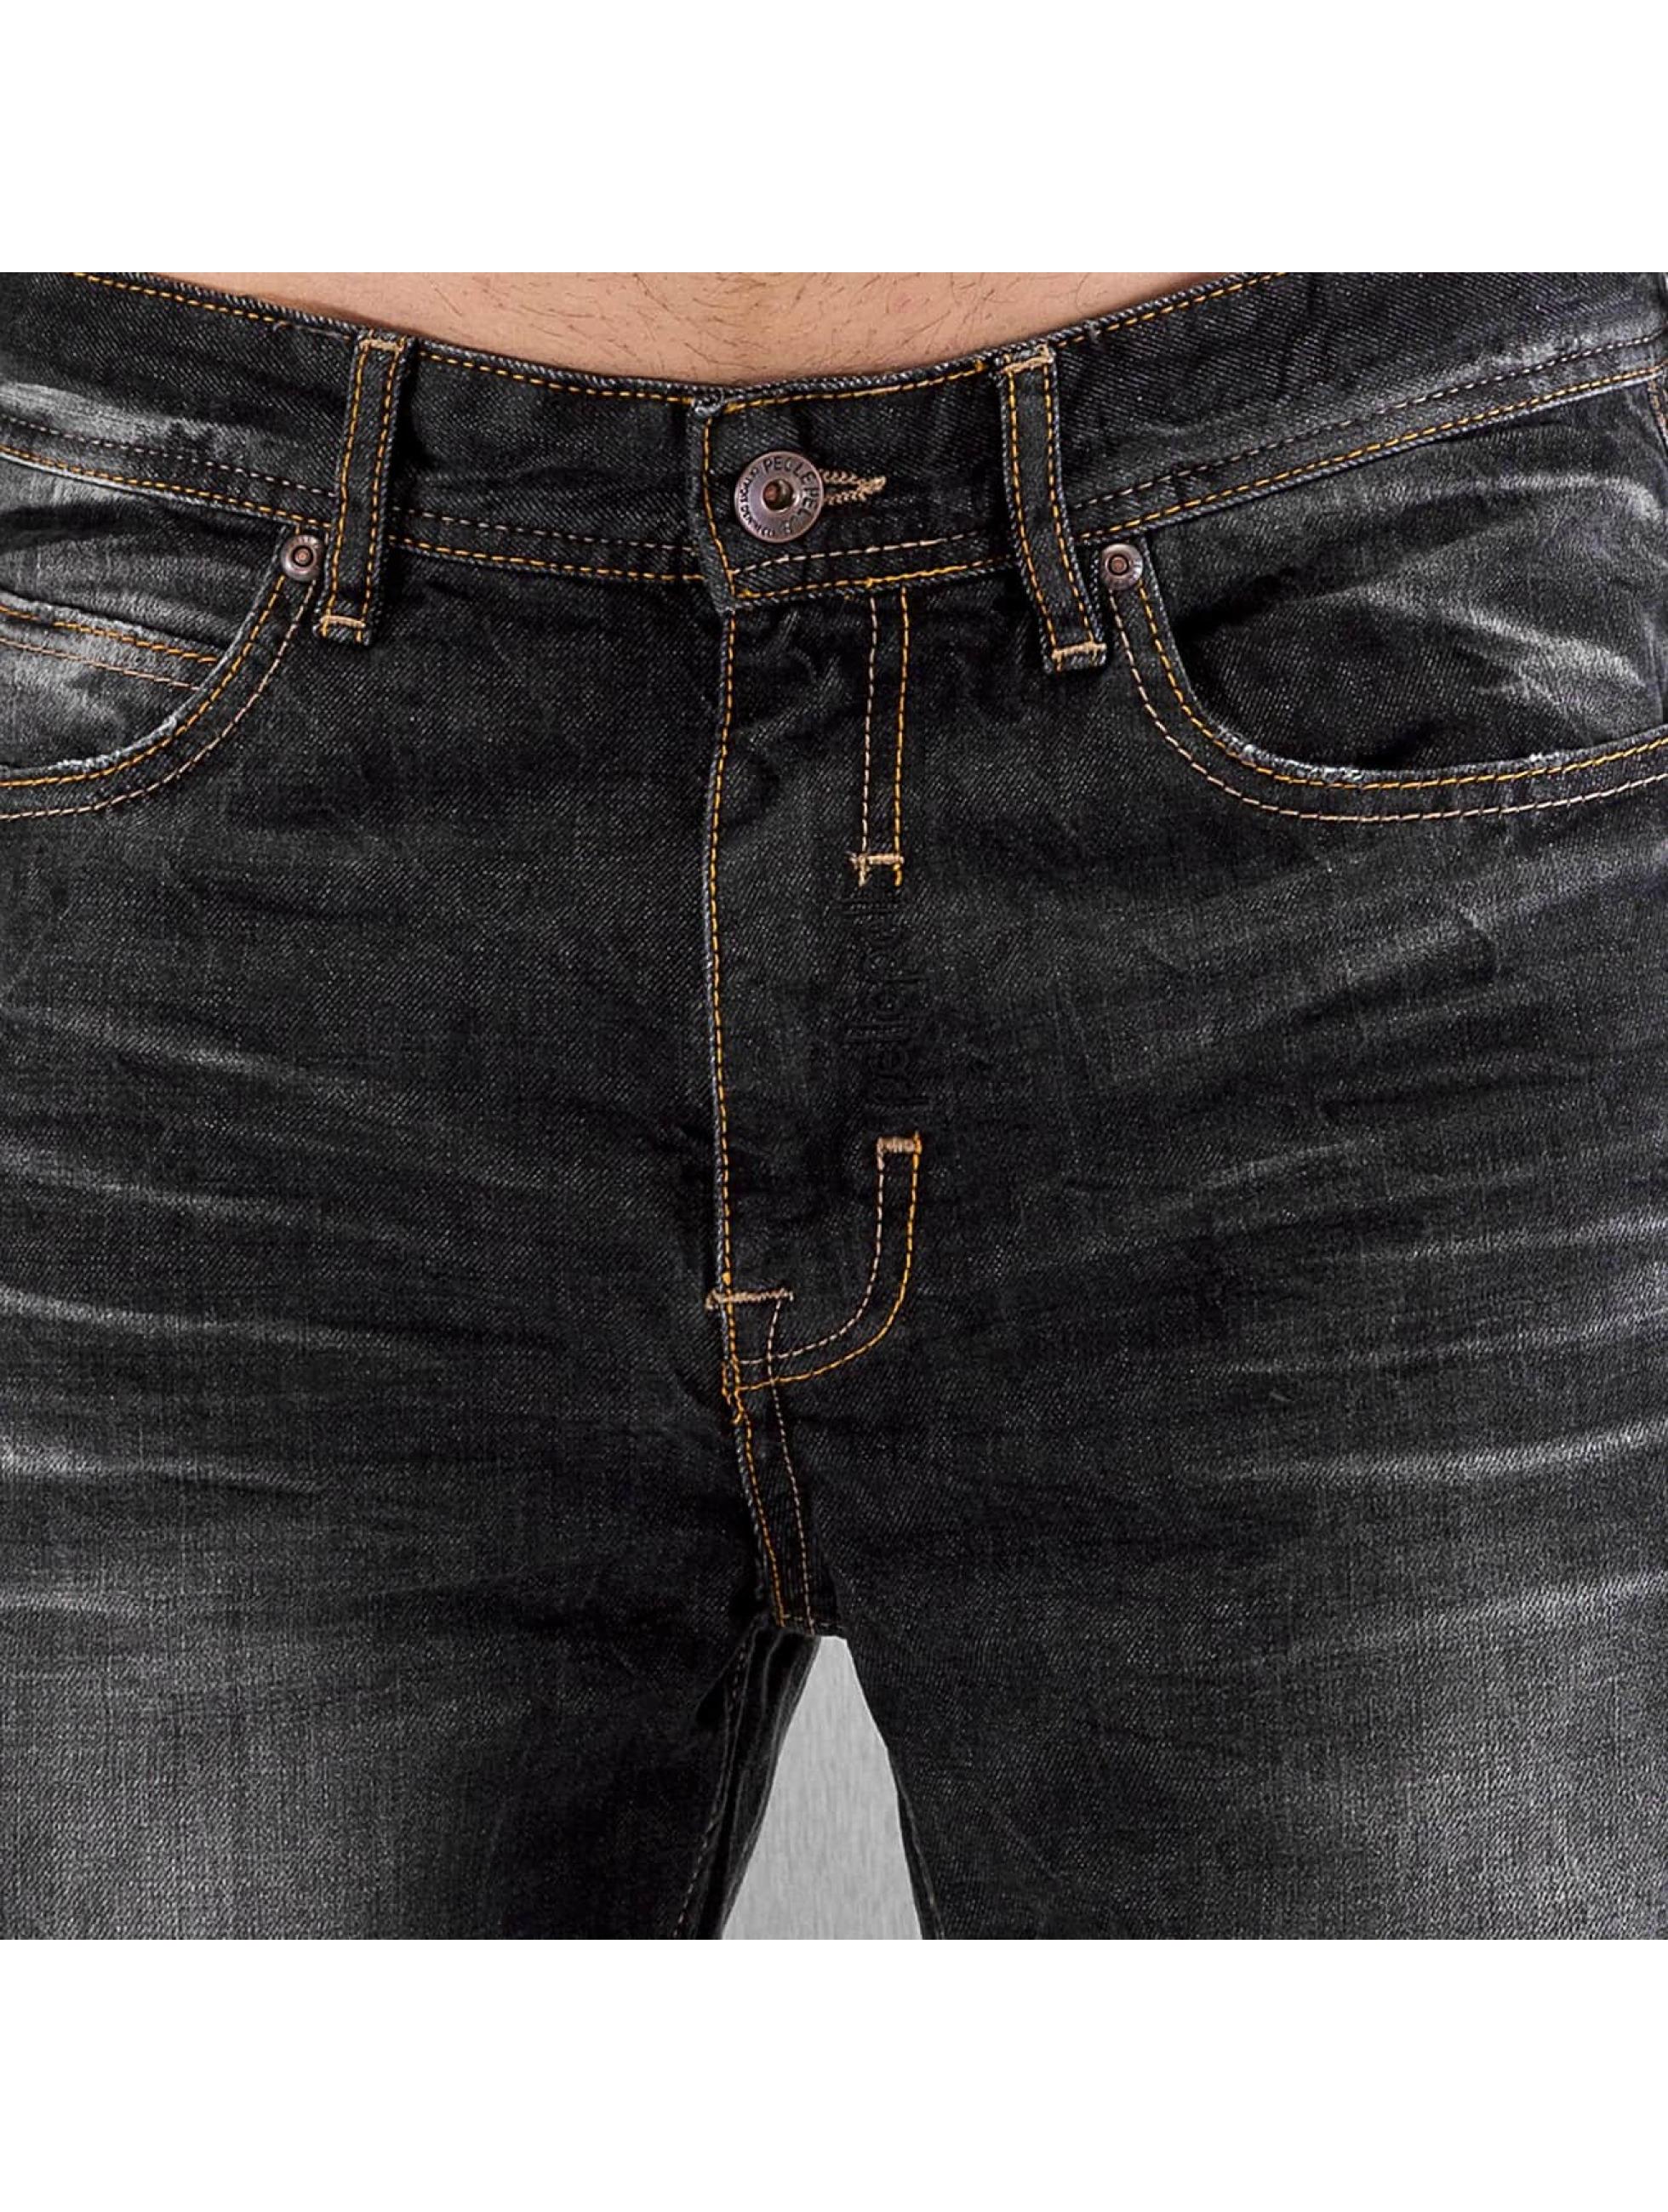 Pelle Pelle Loose Fit Jeans Baxter black